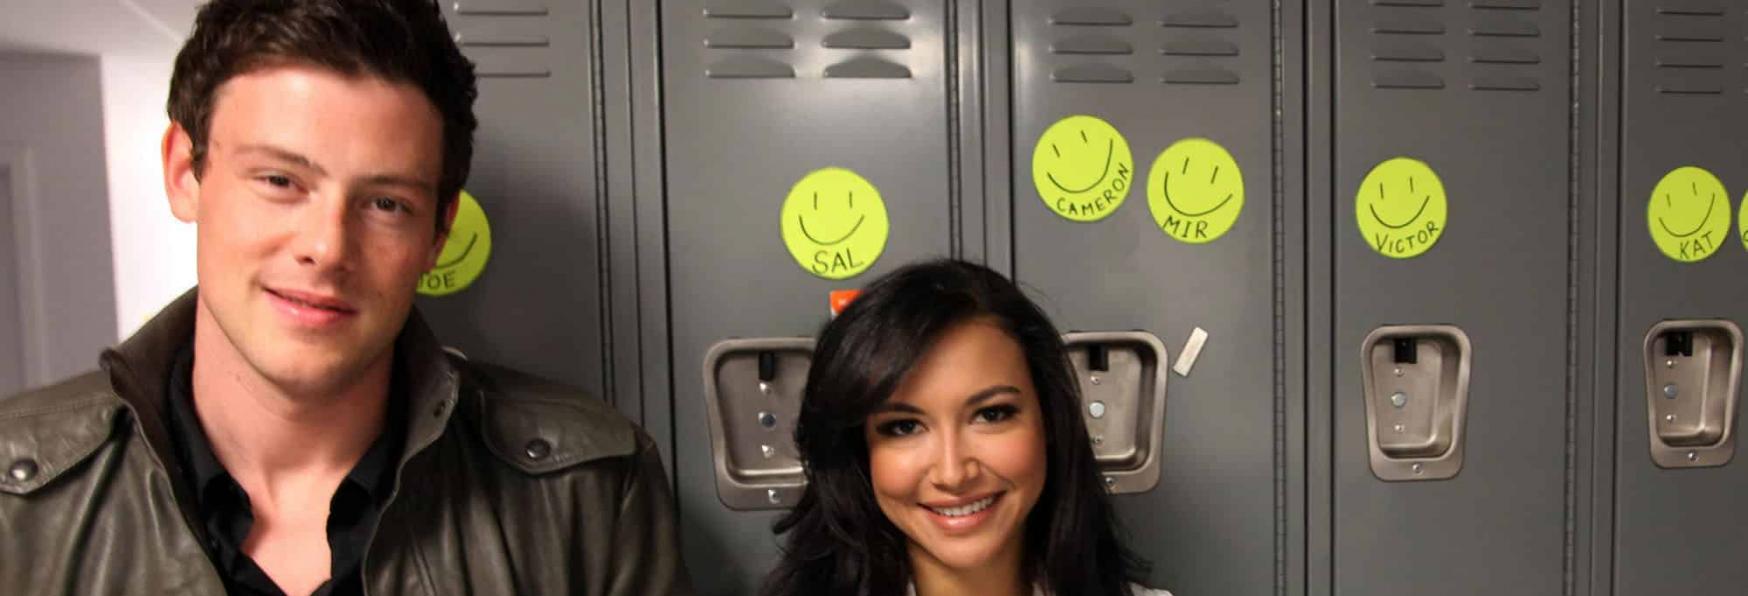 Glee: ritrovato il Corpo dell'Attrice Naya Rivera, Morta a 33 Anni